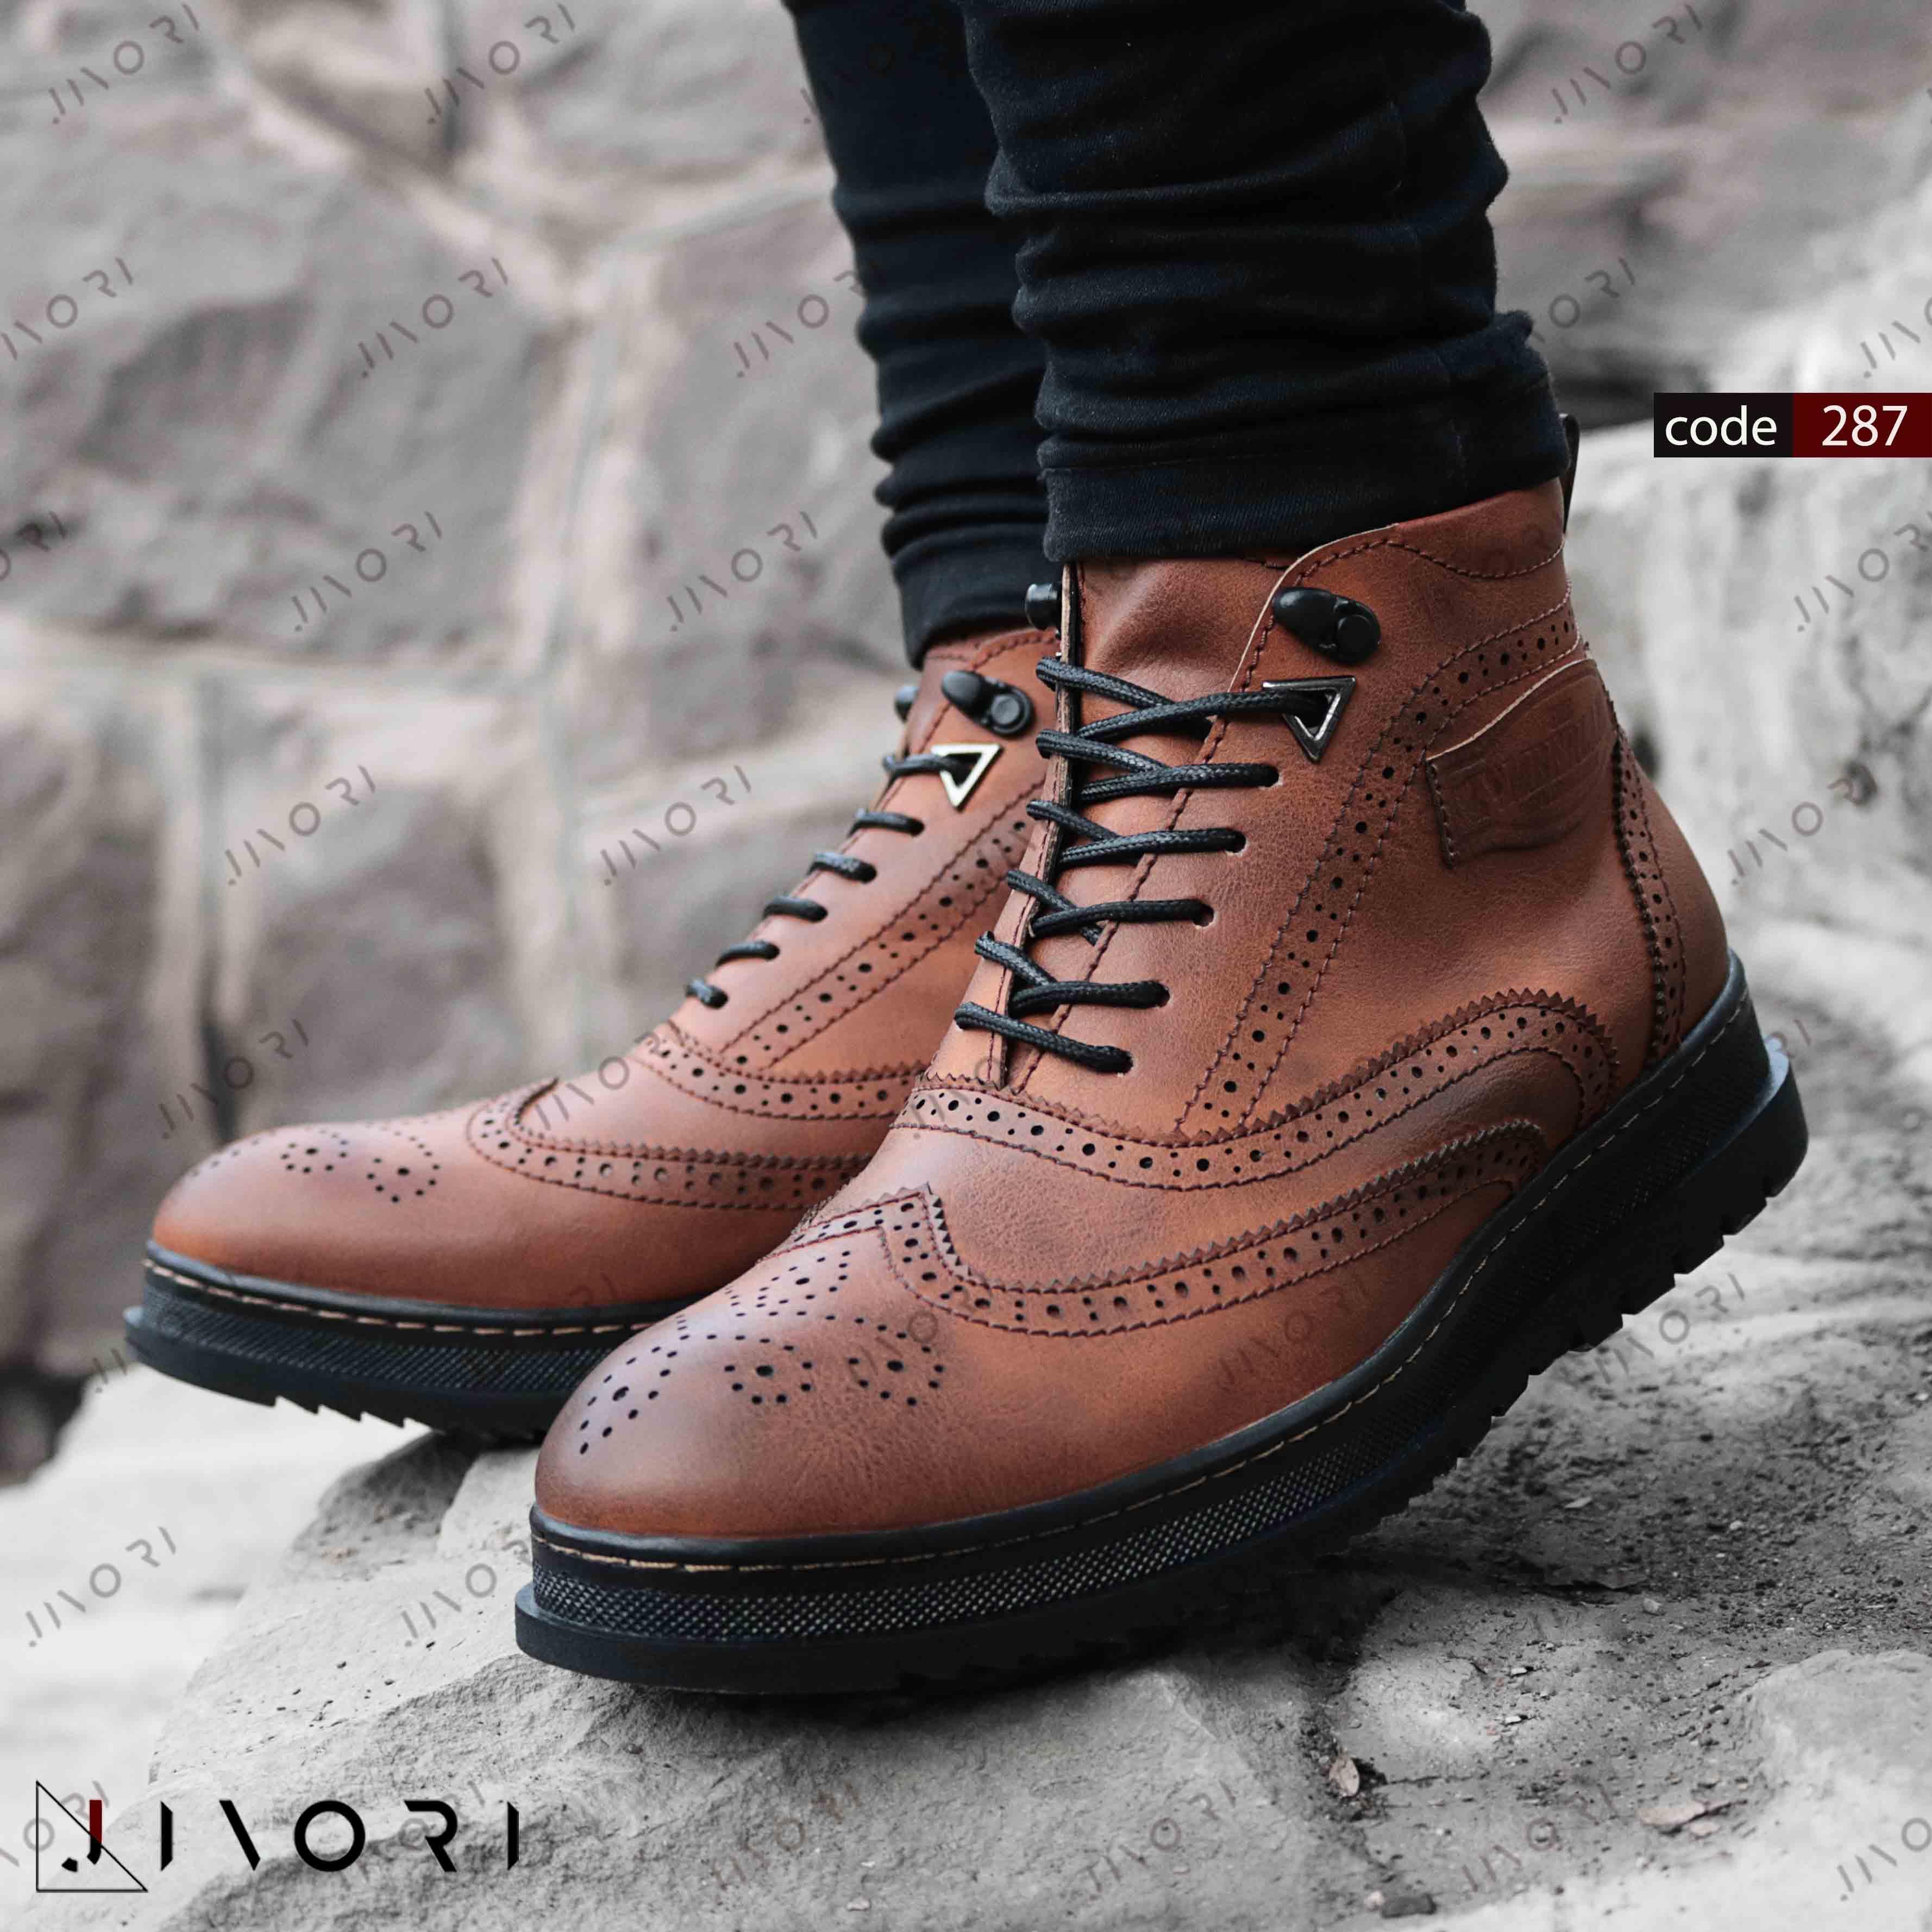 کفش مردانه تیمبرلند (287)